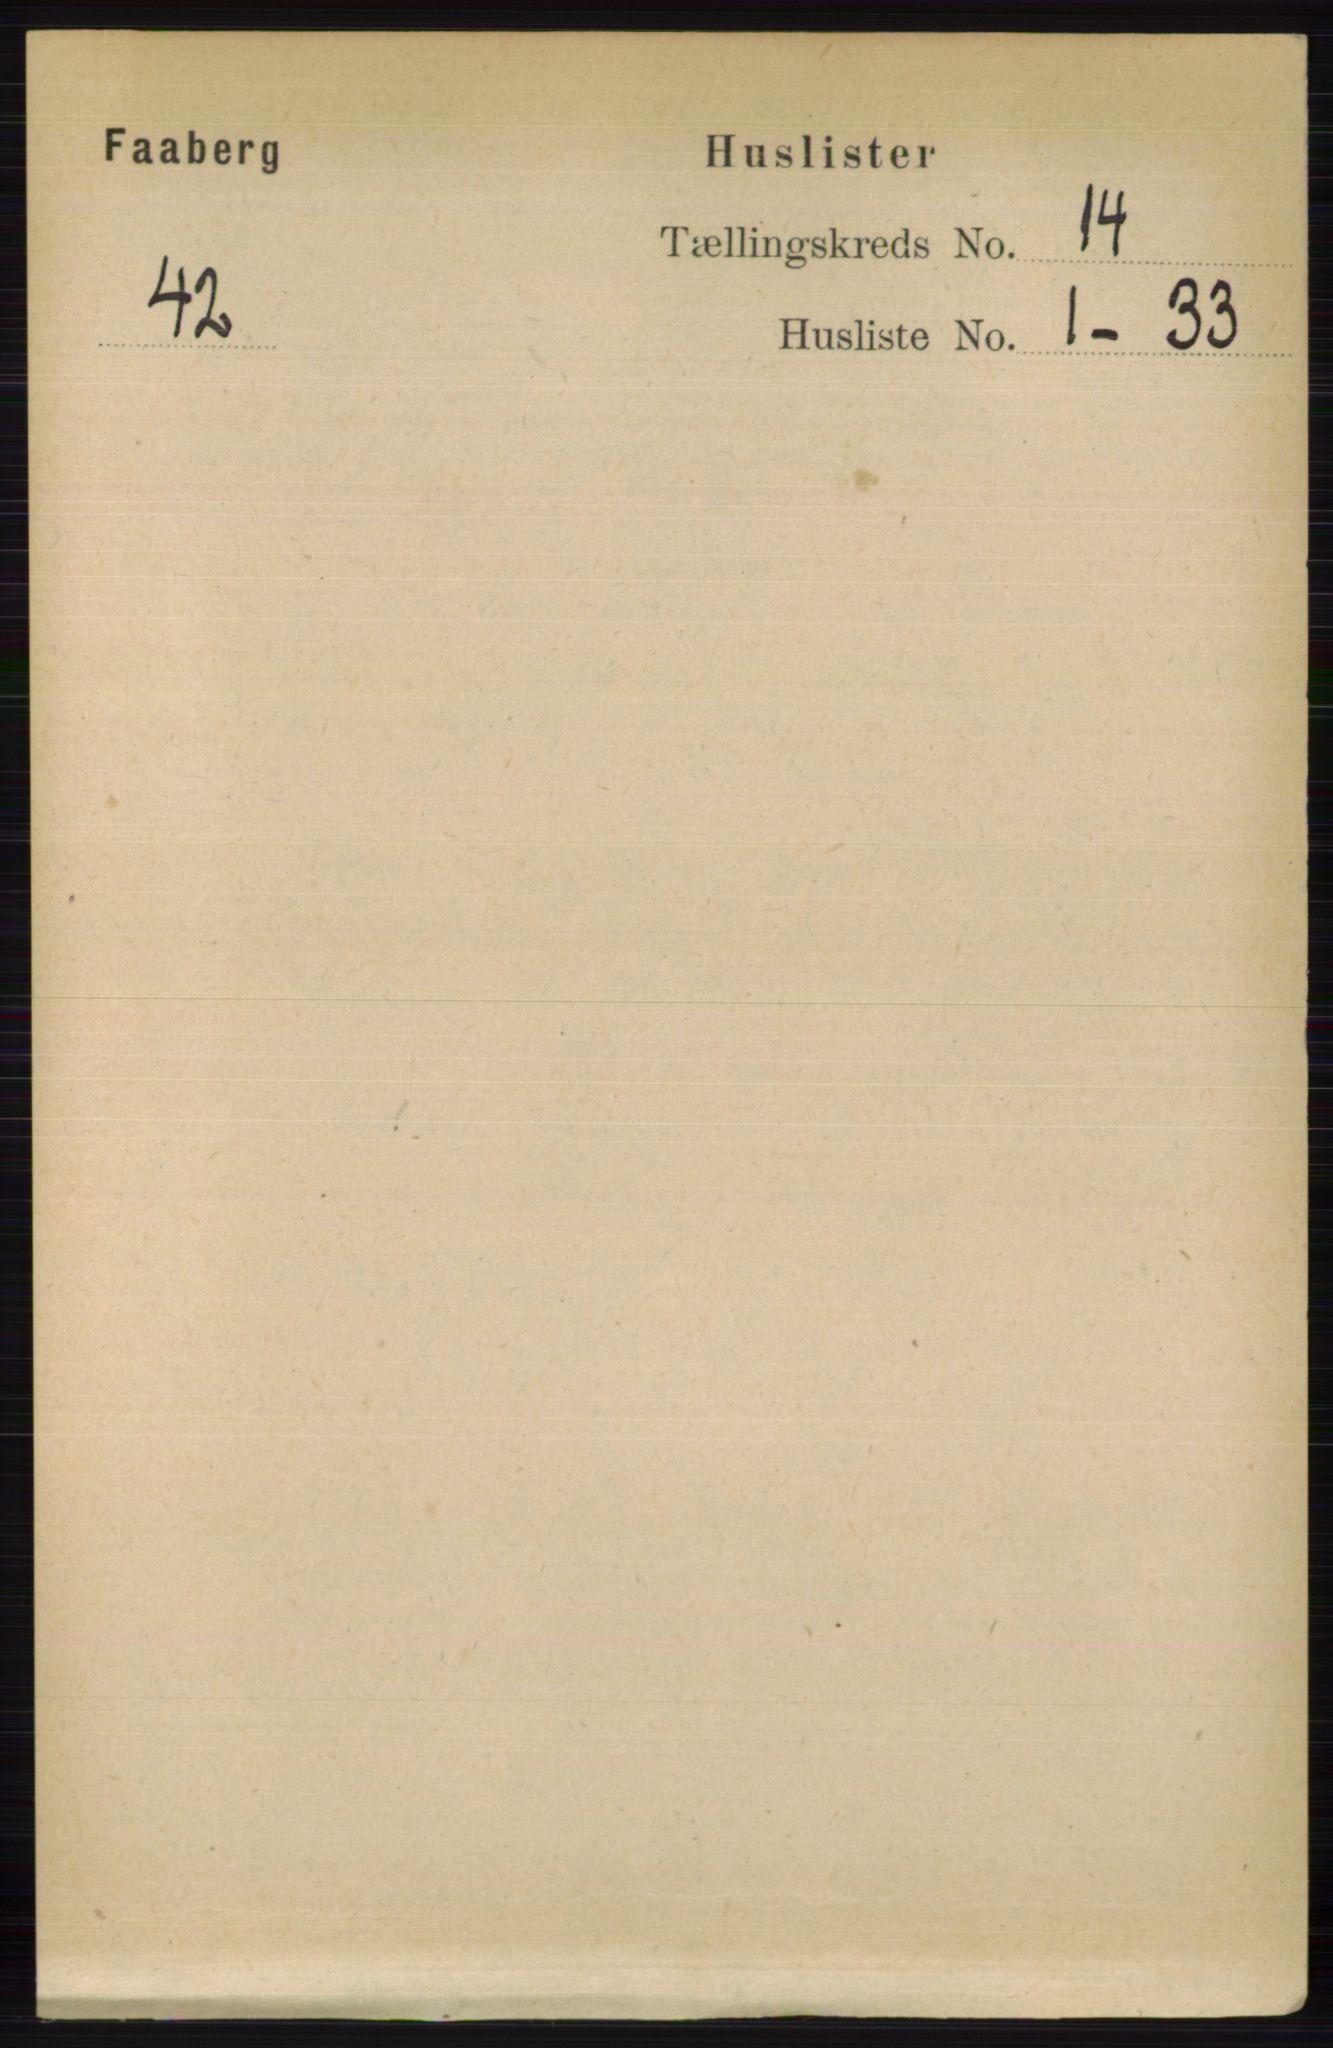 RA, Folketelling 1891 for 0524 Fåberg herred, 1891, s. 5622